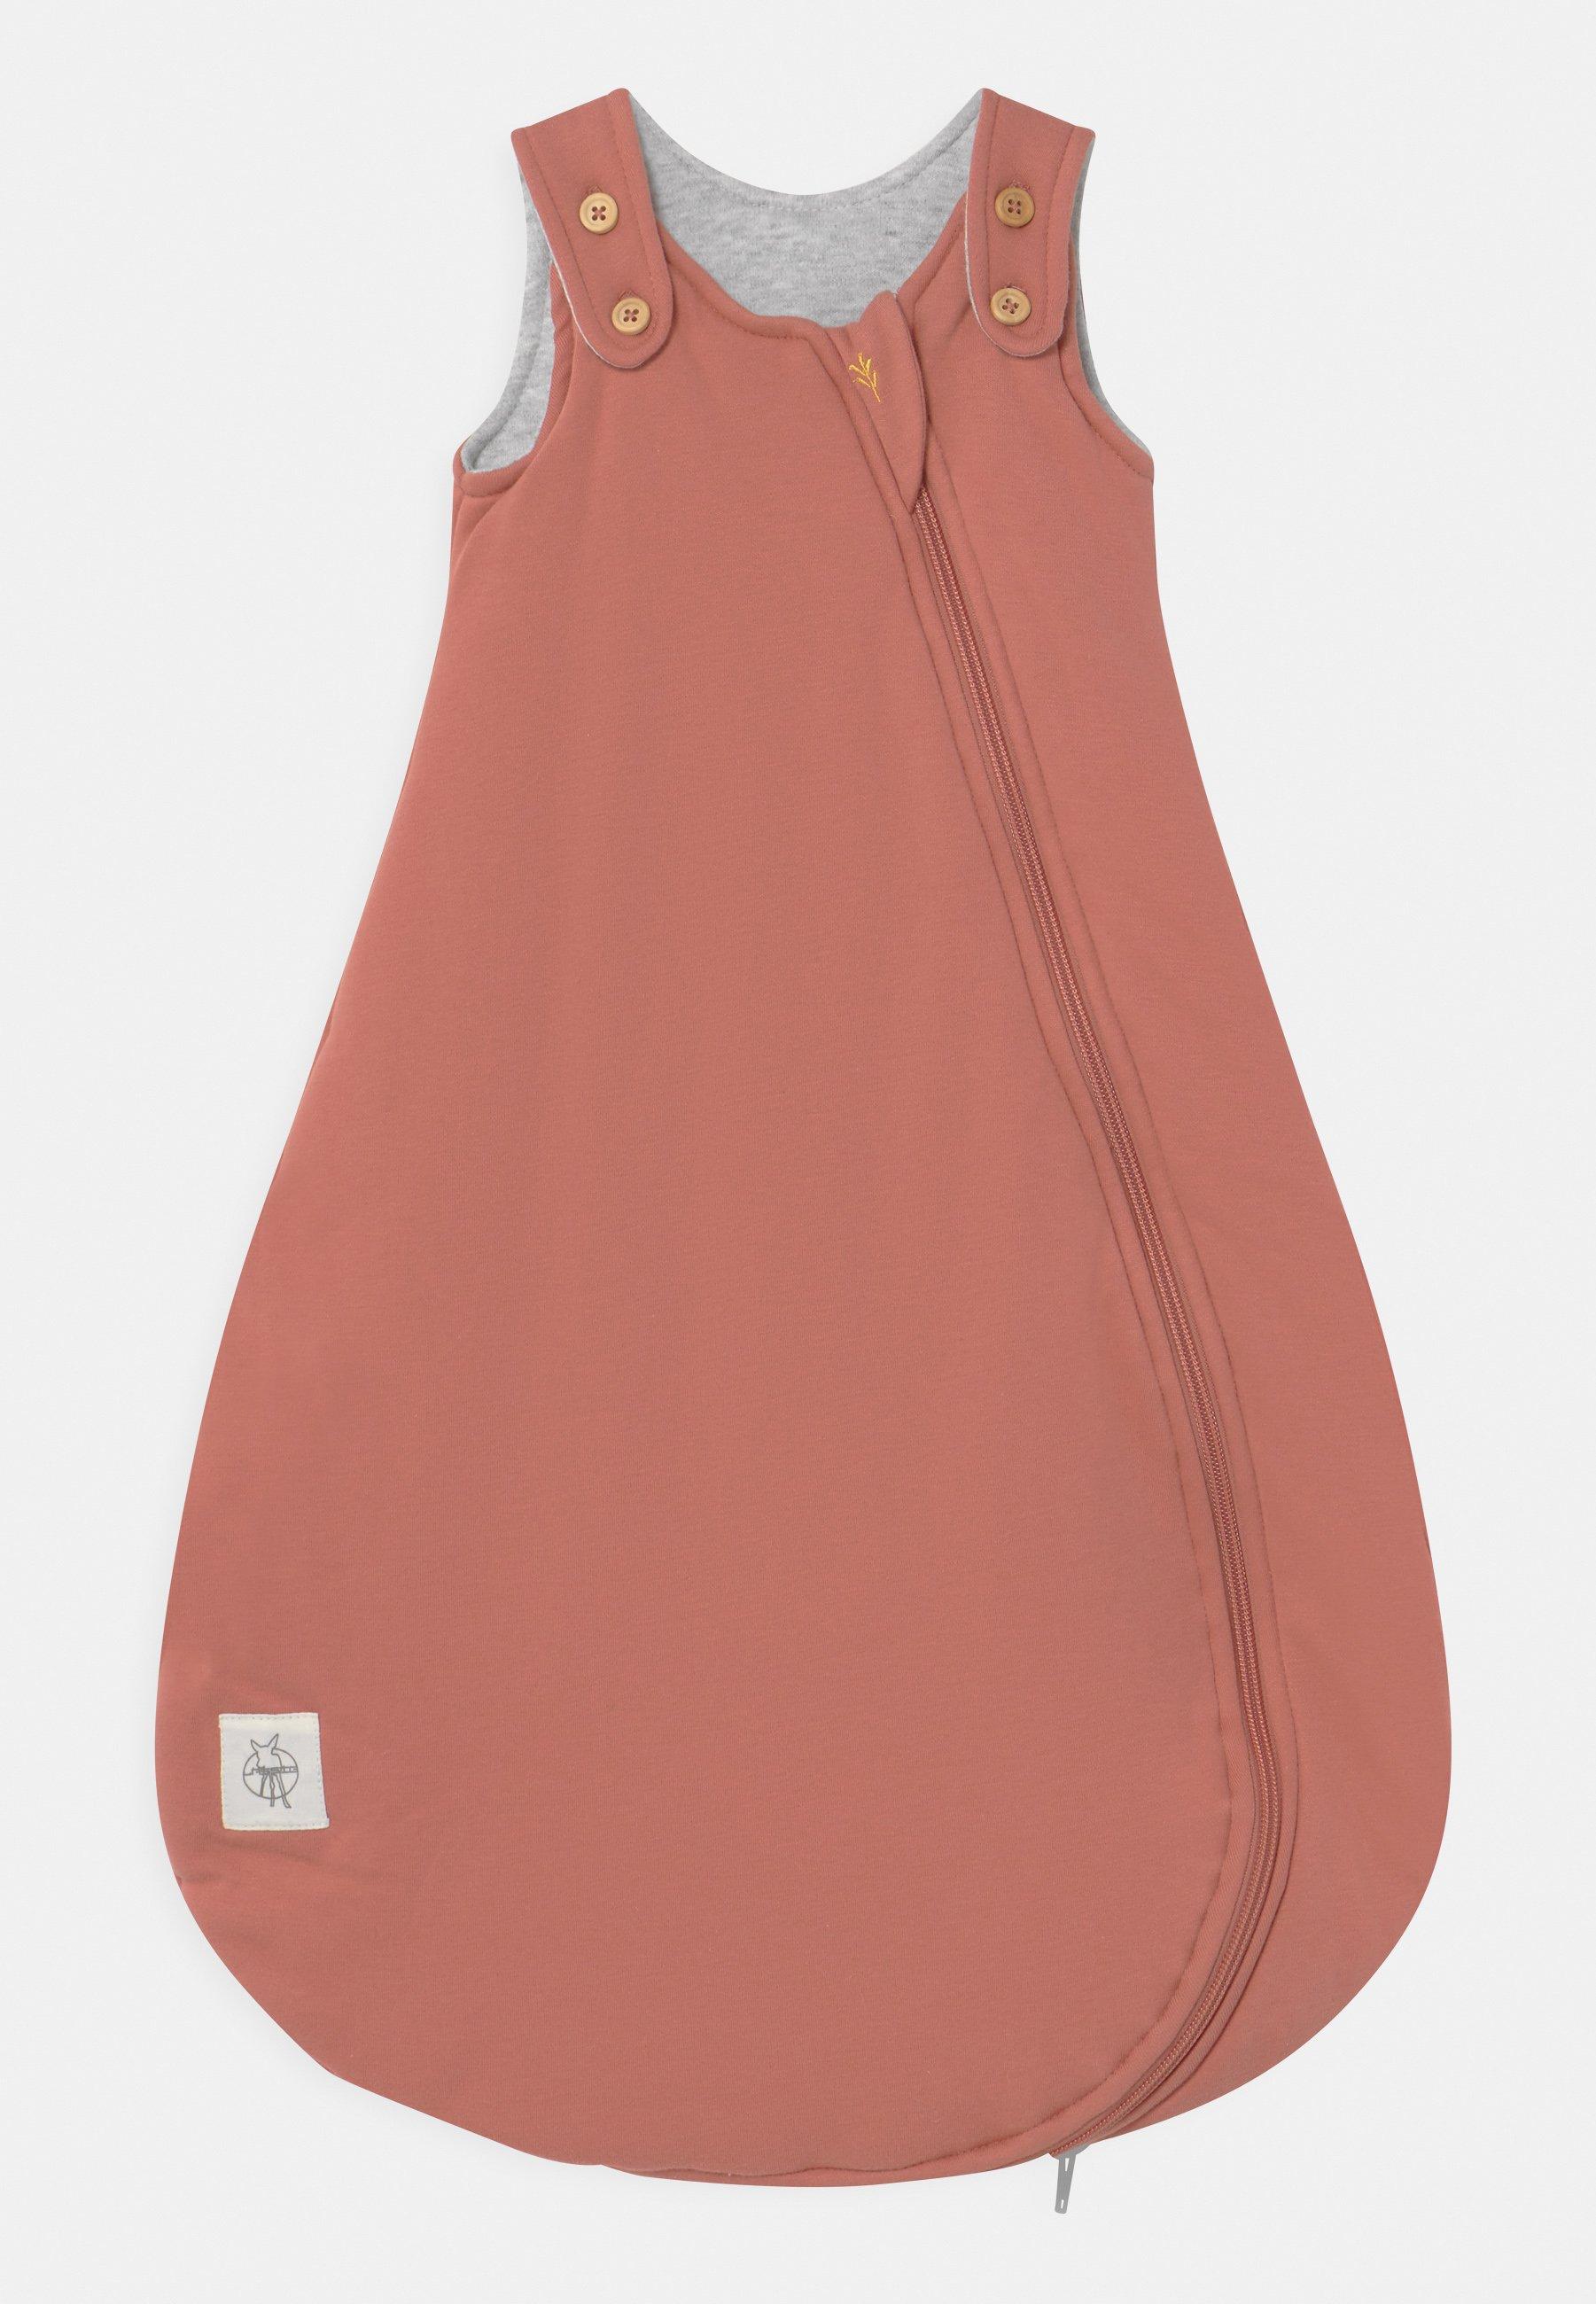 Kids BABY SLEEPING UNISEX - Baby's sleeping bag